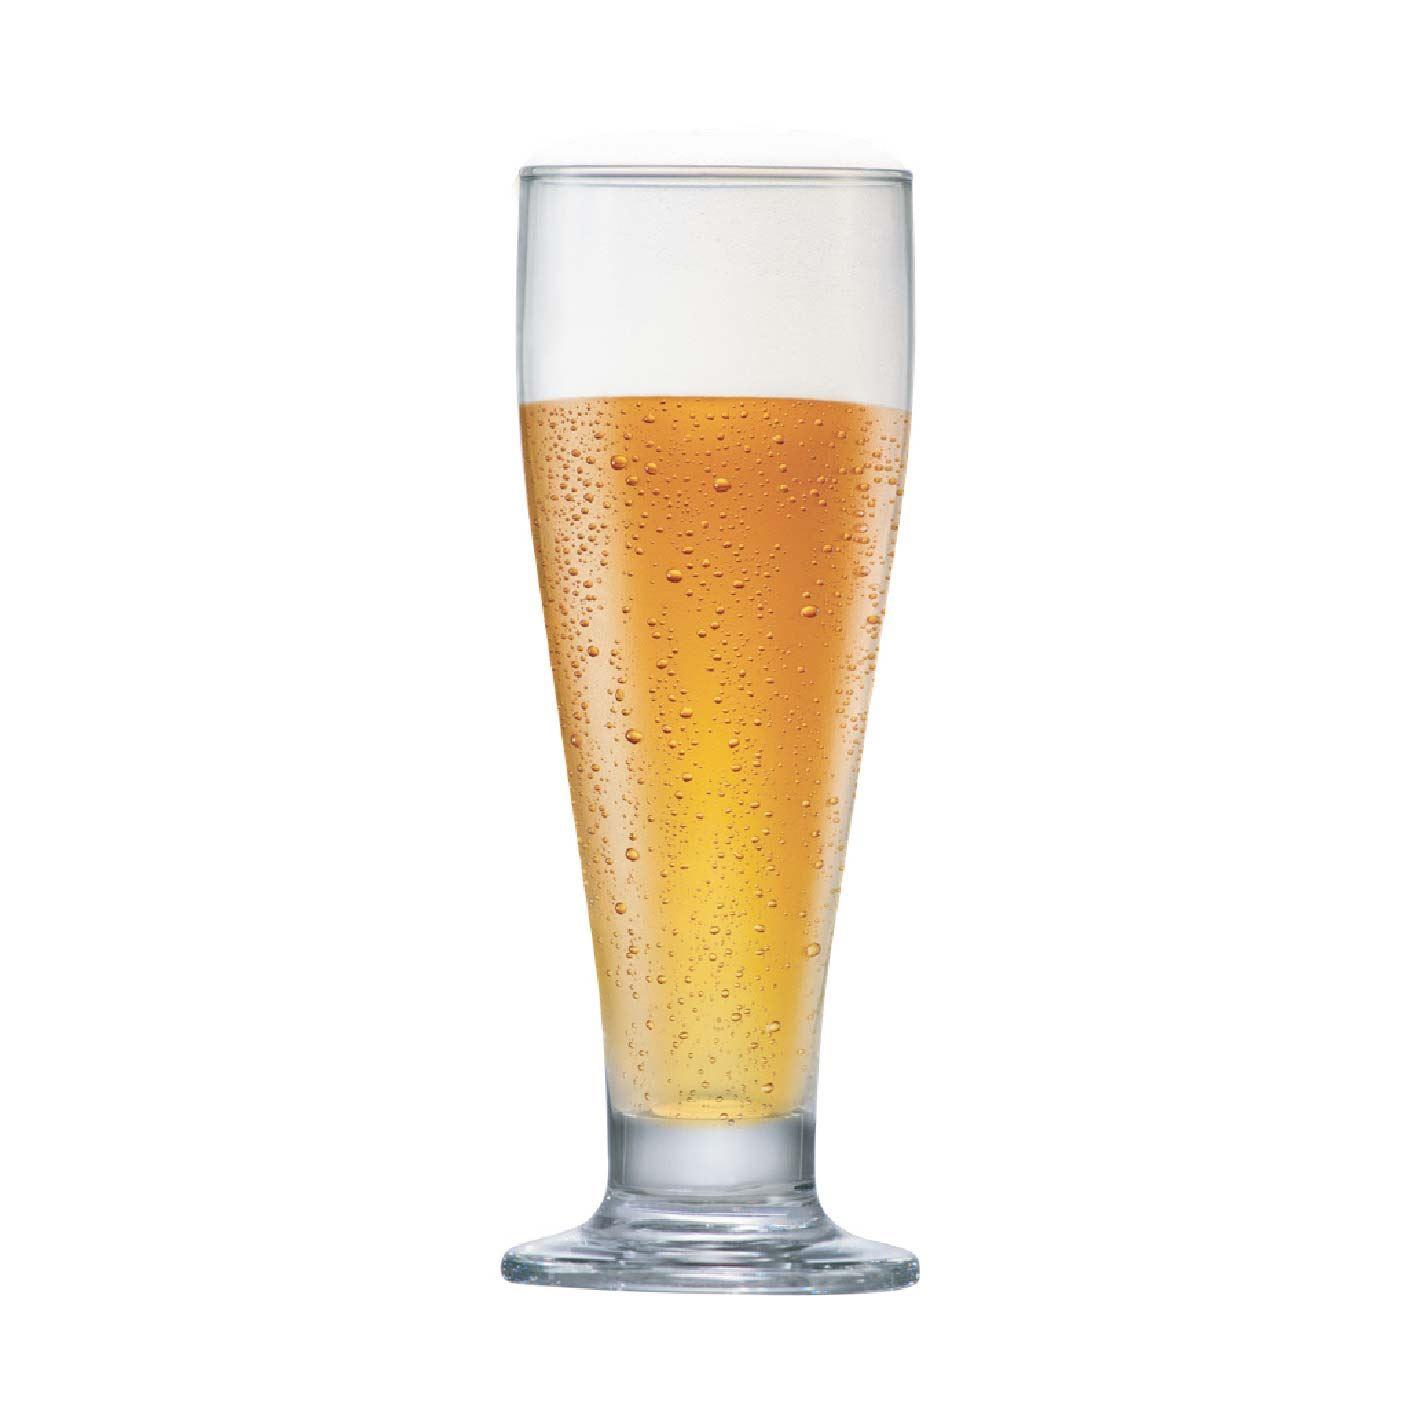 Jogo de Taças para Cerveja Frases Rótulo Tulipa 300ml 2 Pcs